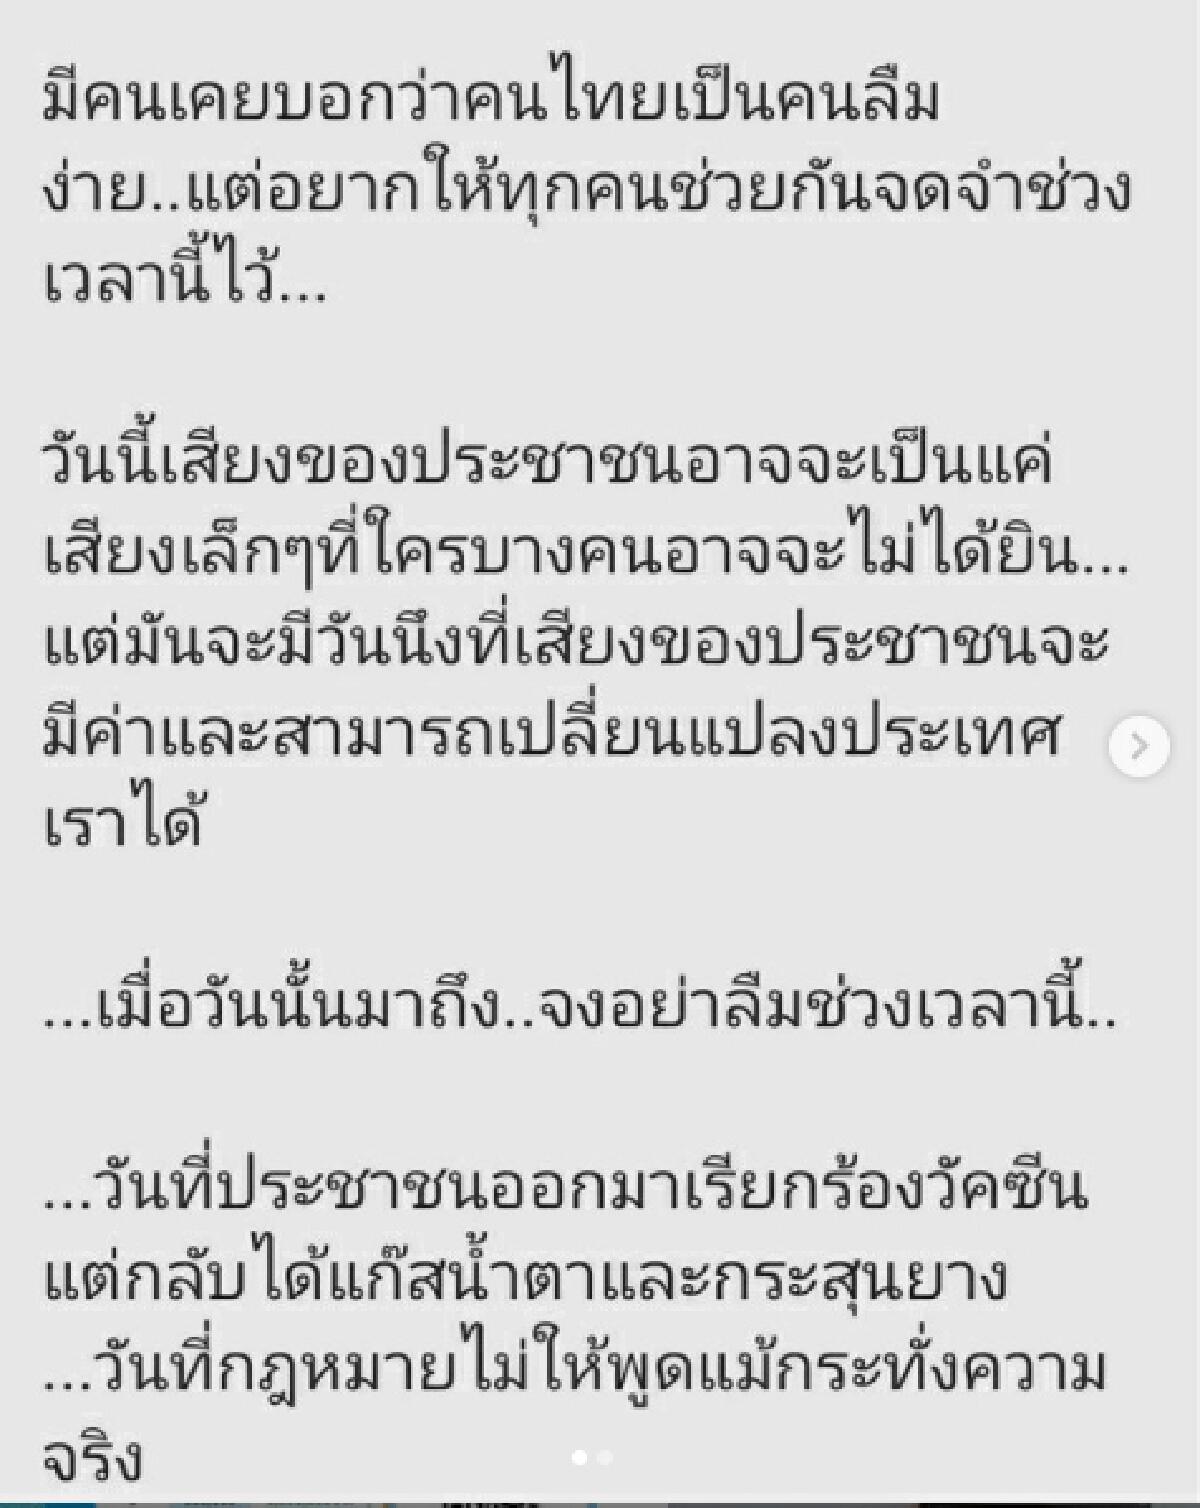 ออม สุชาร์ ขอคนไทยอย่าลืม วันที่เรียกร้องวัคซีนแต่ได้แก๊สน้ำตา-กระสุน